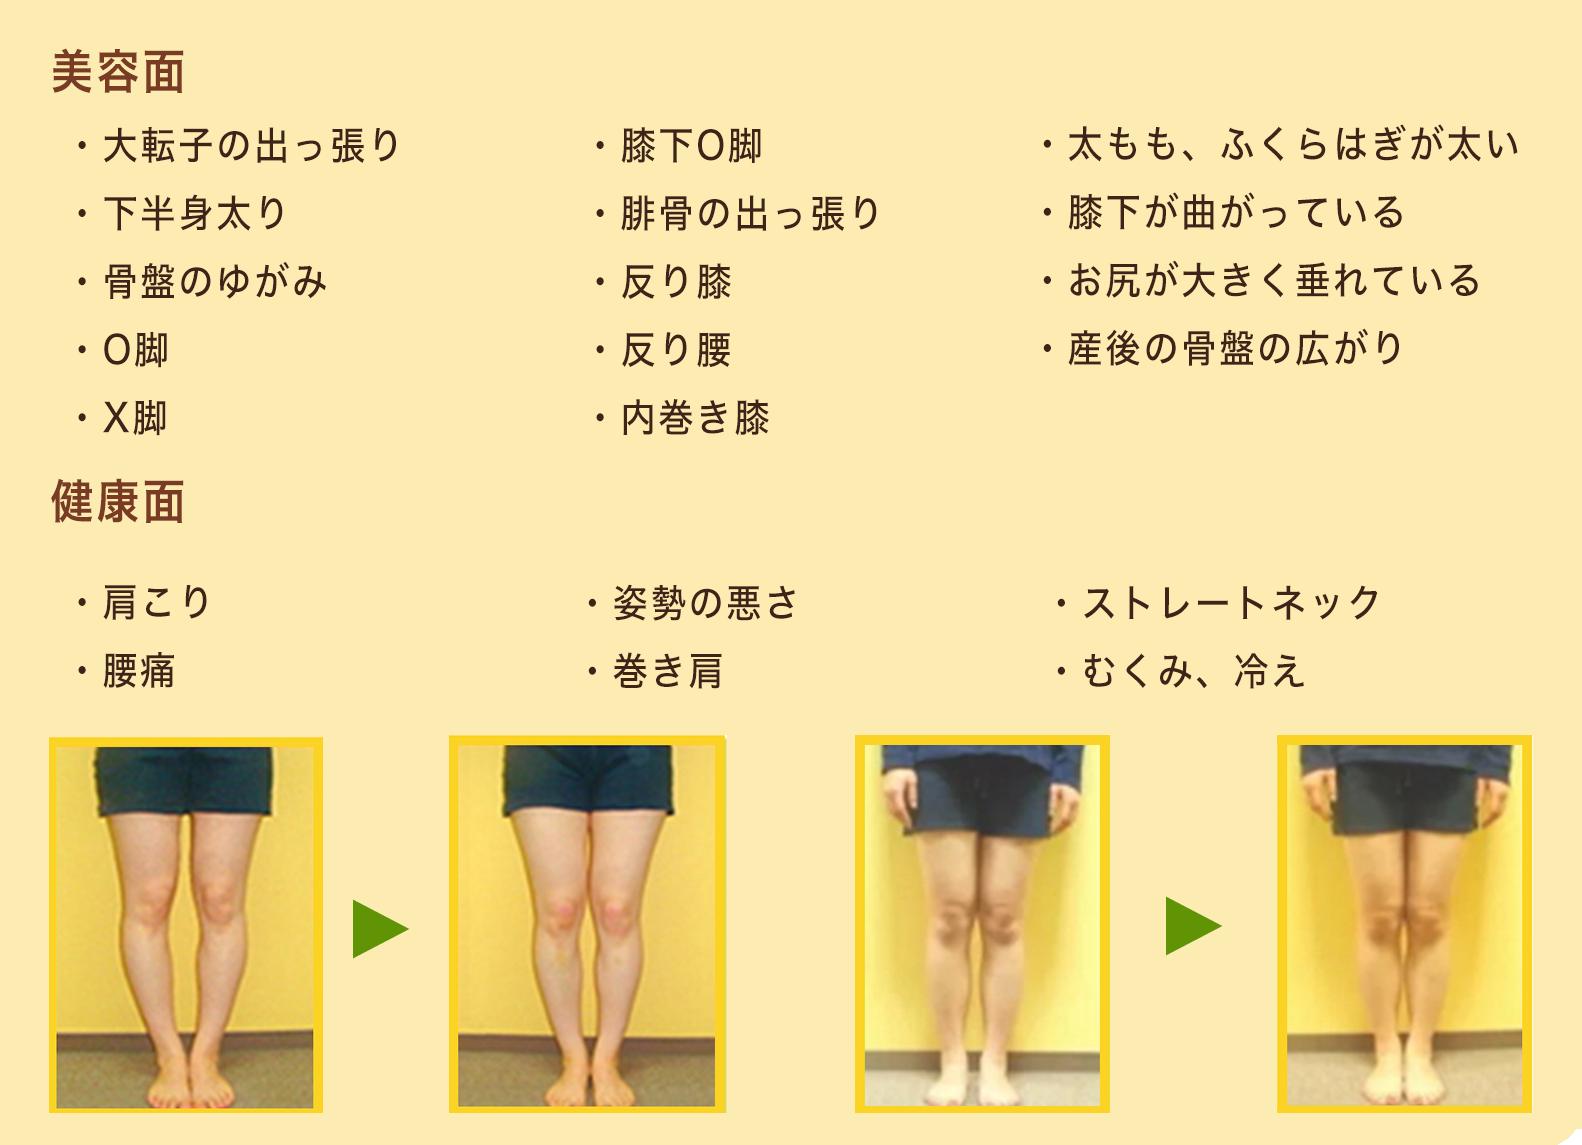 kotuban - 骨盤美脚コース